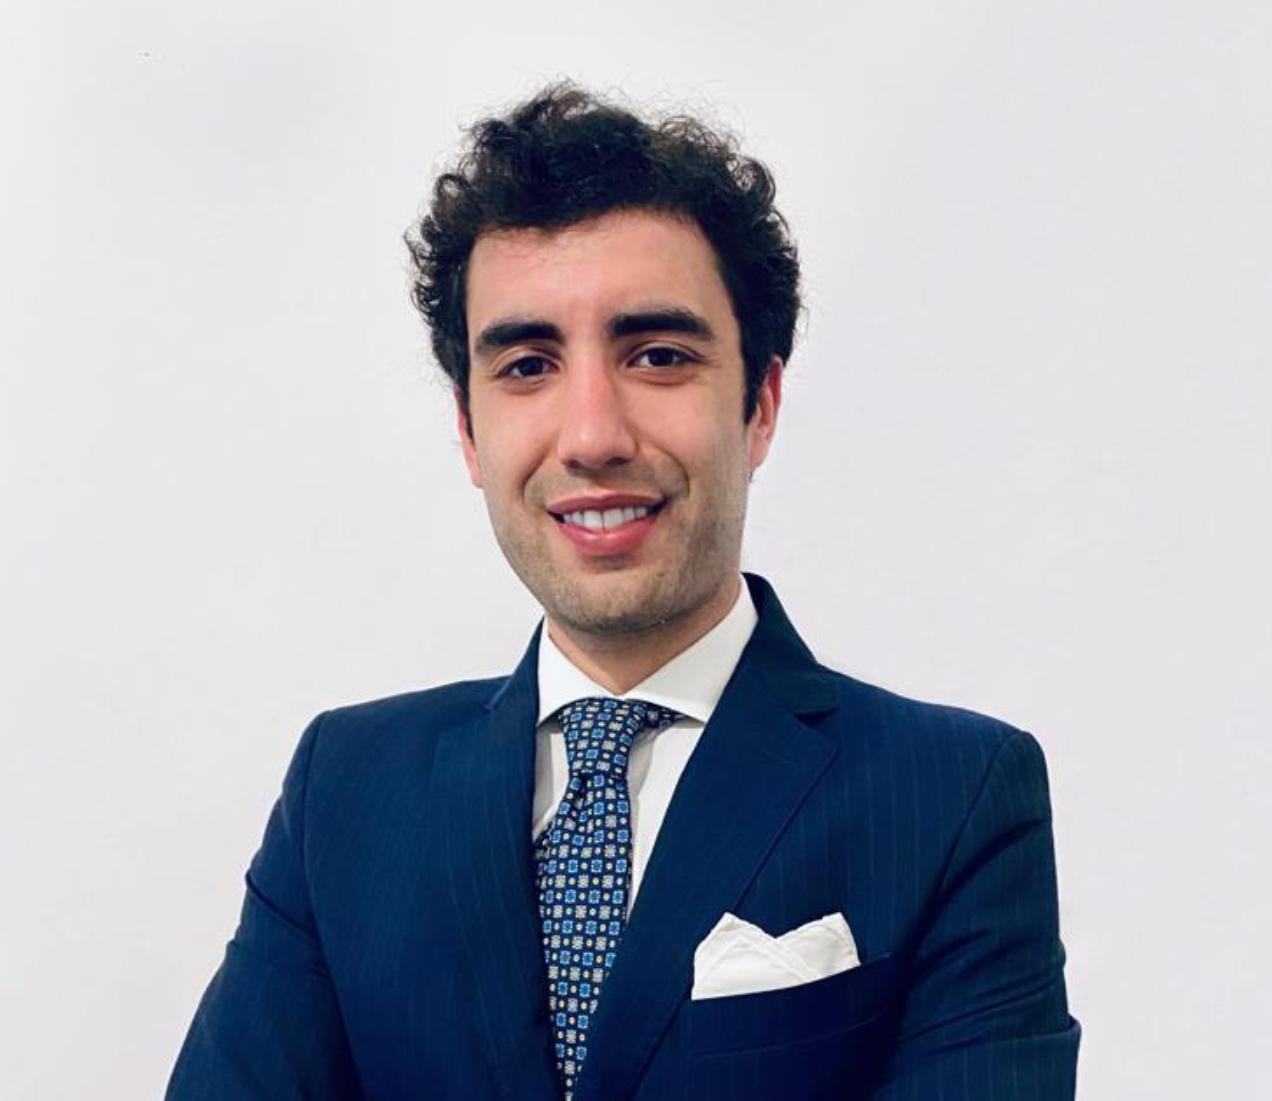 Giulio Garofalo